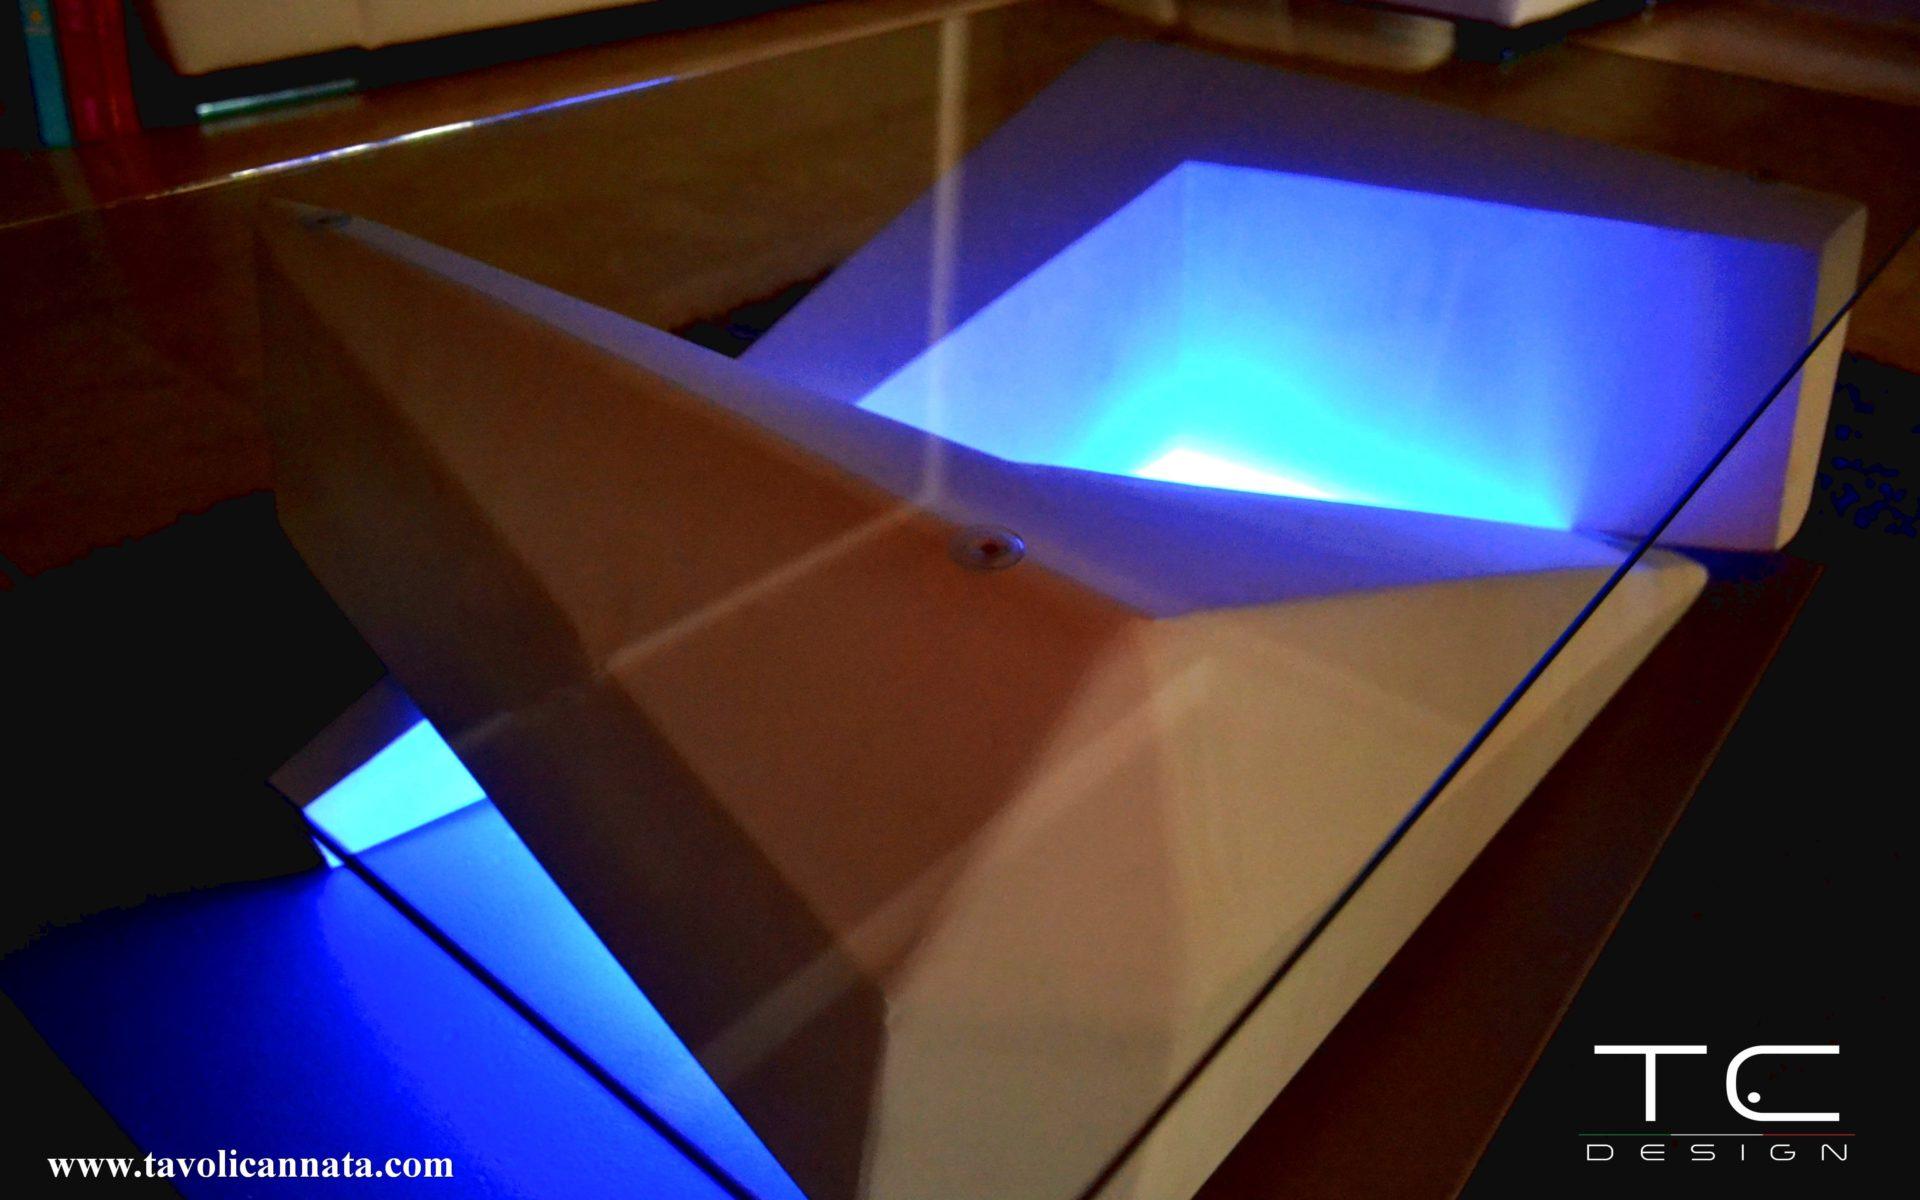 Tavolini da salotto in vetro moderni - Tavolini Cannata